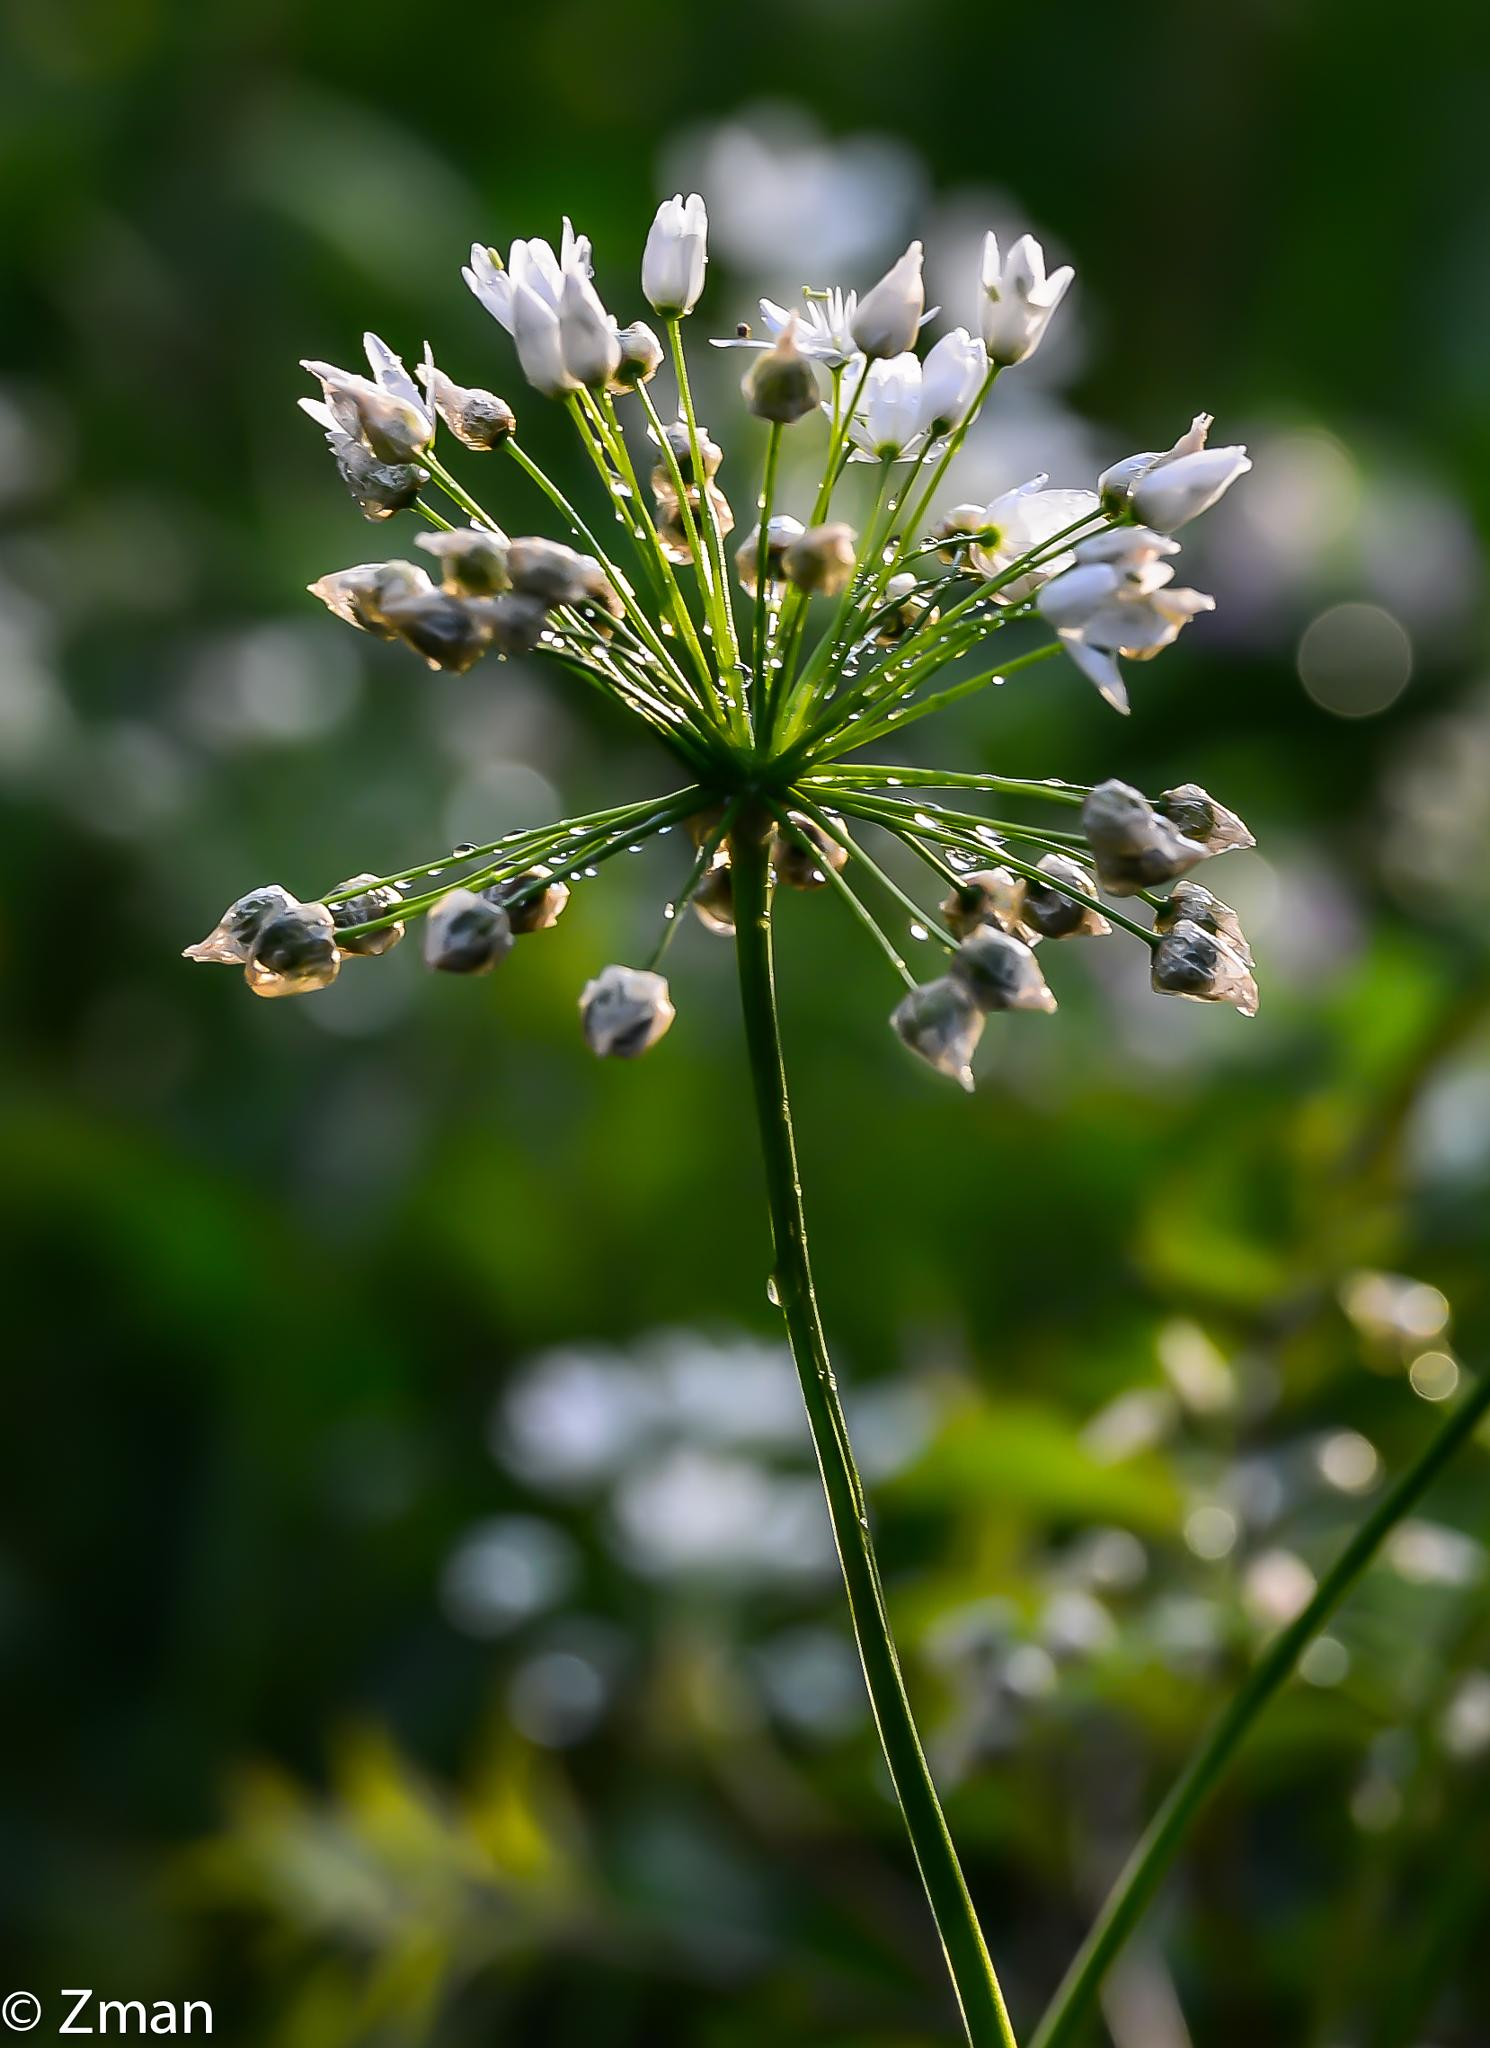 White Wild Flower In The Rain by muhammad.nasser.963